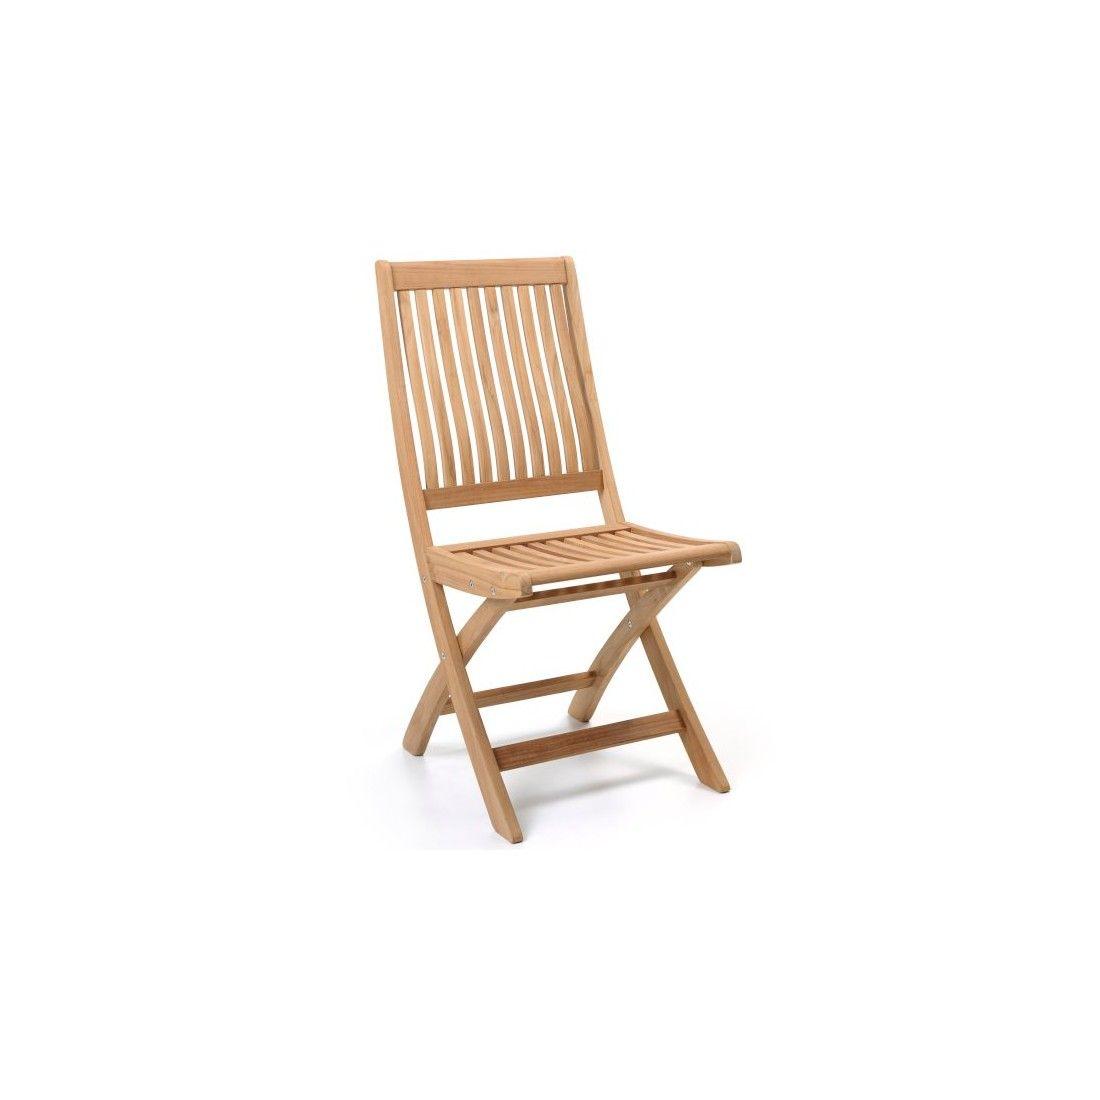 Chaise pliante galbée teck massif, modèle CHES